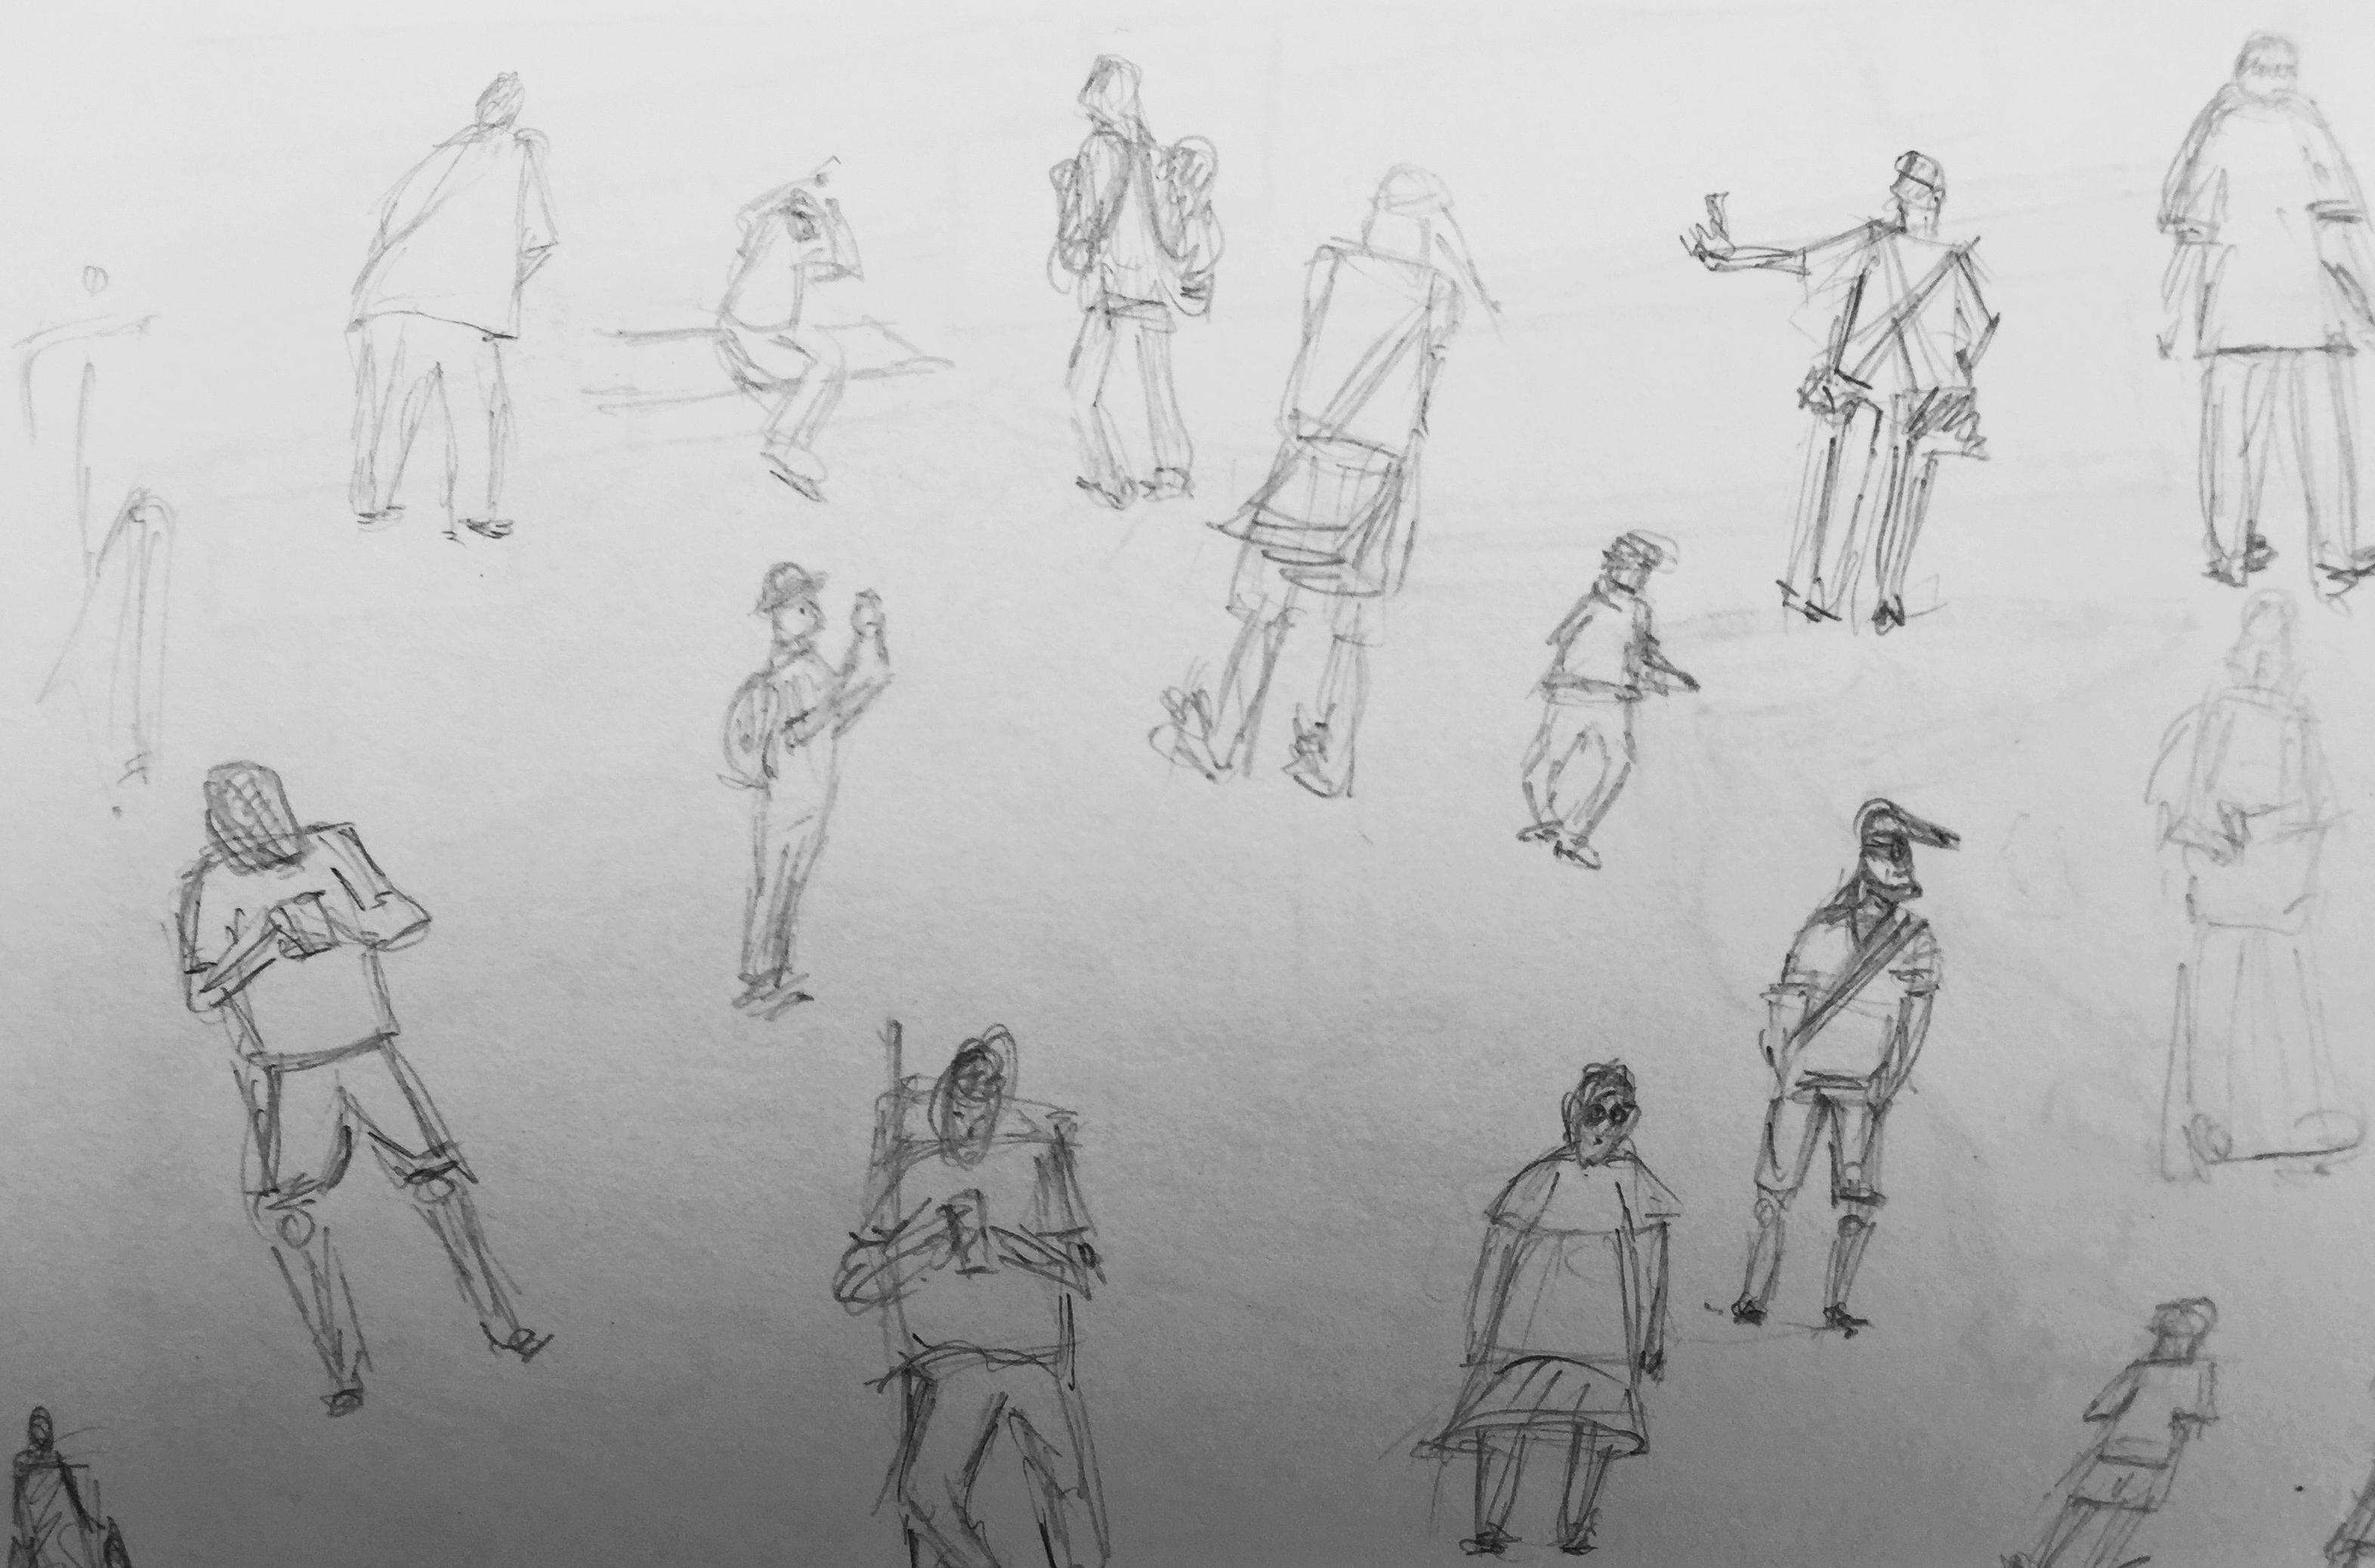 Chris Vonlanthen, Menschenstudien, Sommerkurs, Urban Sketching, Astrid Schmid